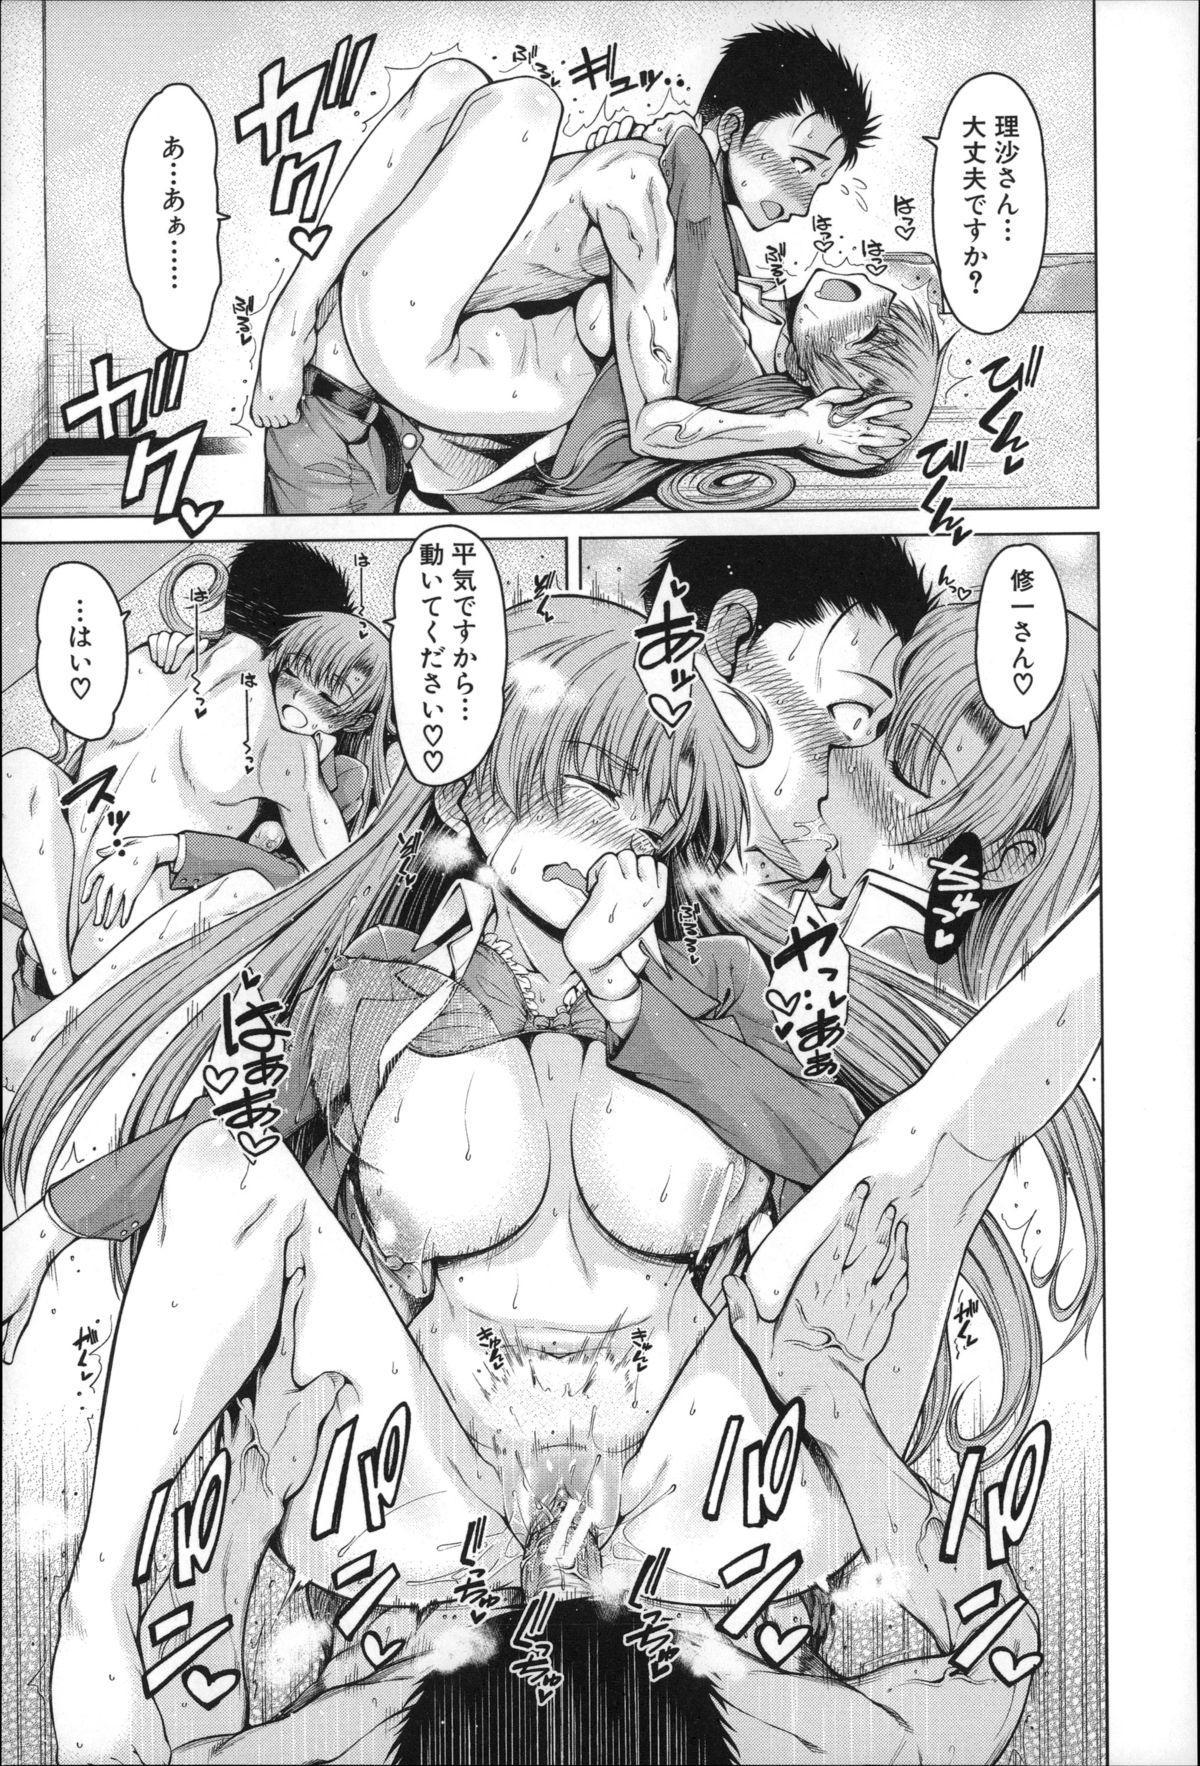 Migite ga Bishoujo ni Natta kara Sex Shita kedo Doutei dayone!! 175